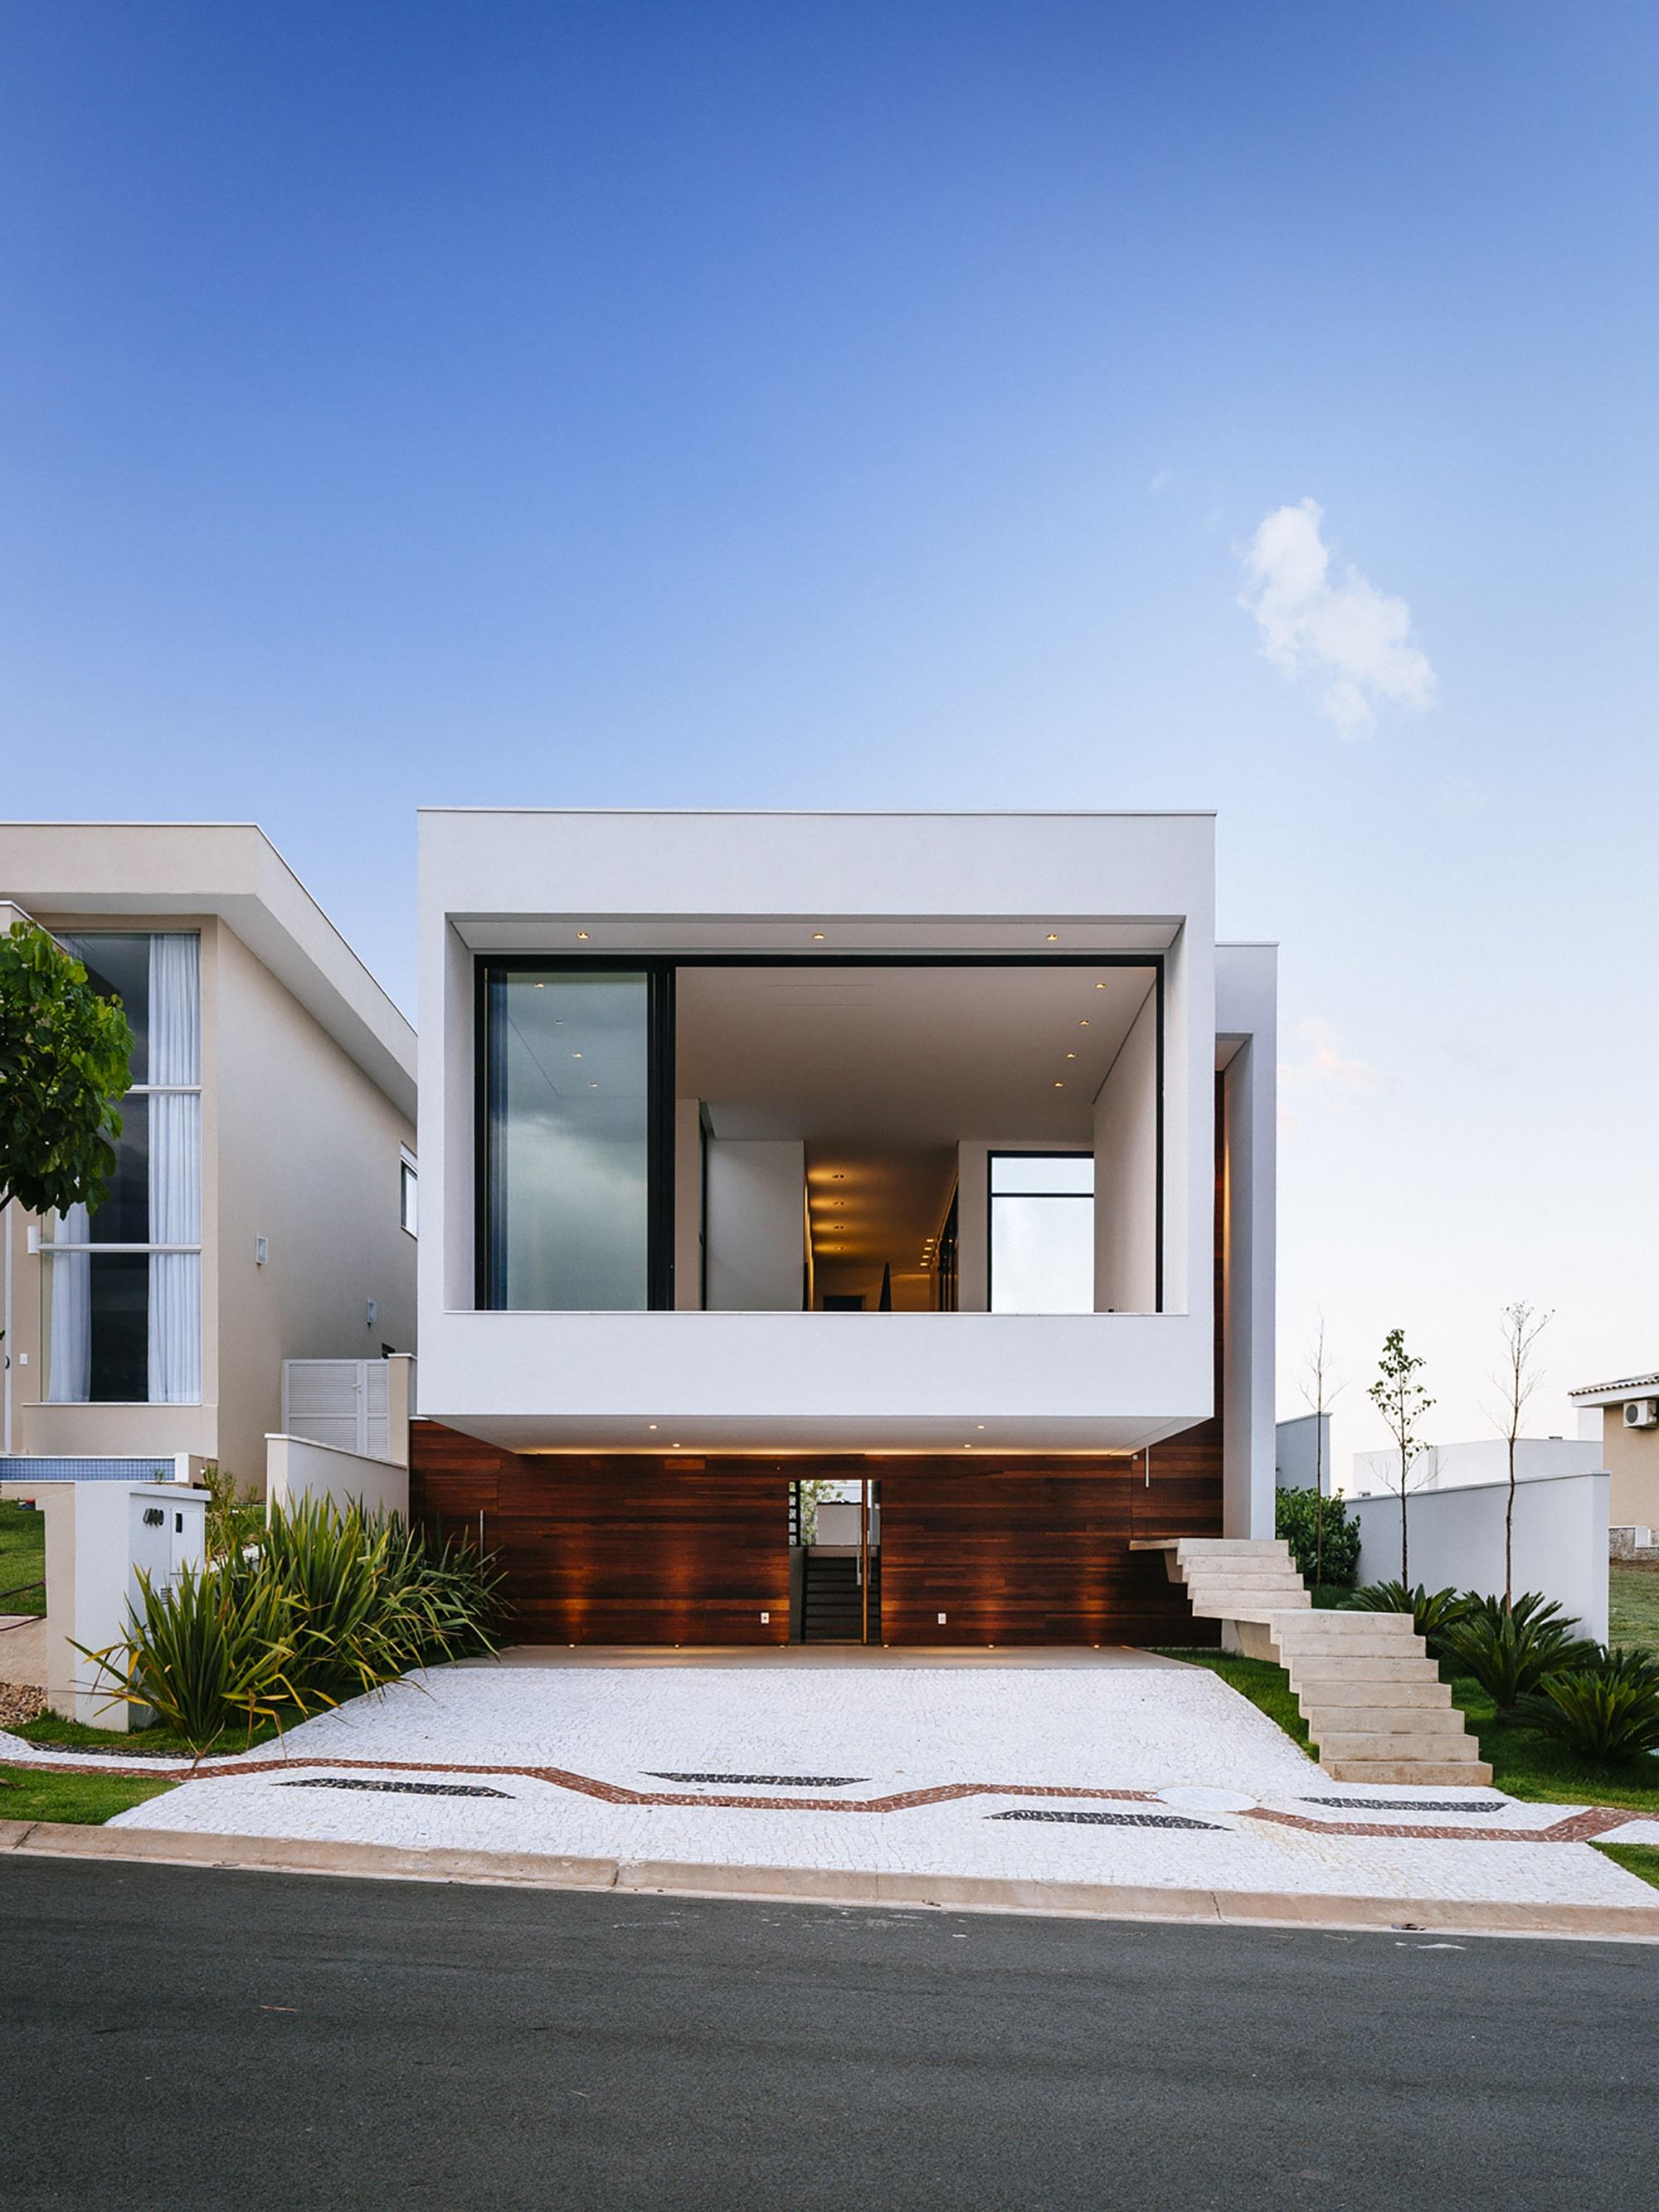 Dise o de moderna casa de dos pisos con fachada y planos for Planos terrazas exteriores